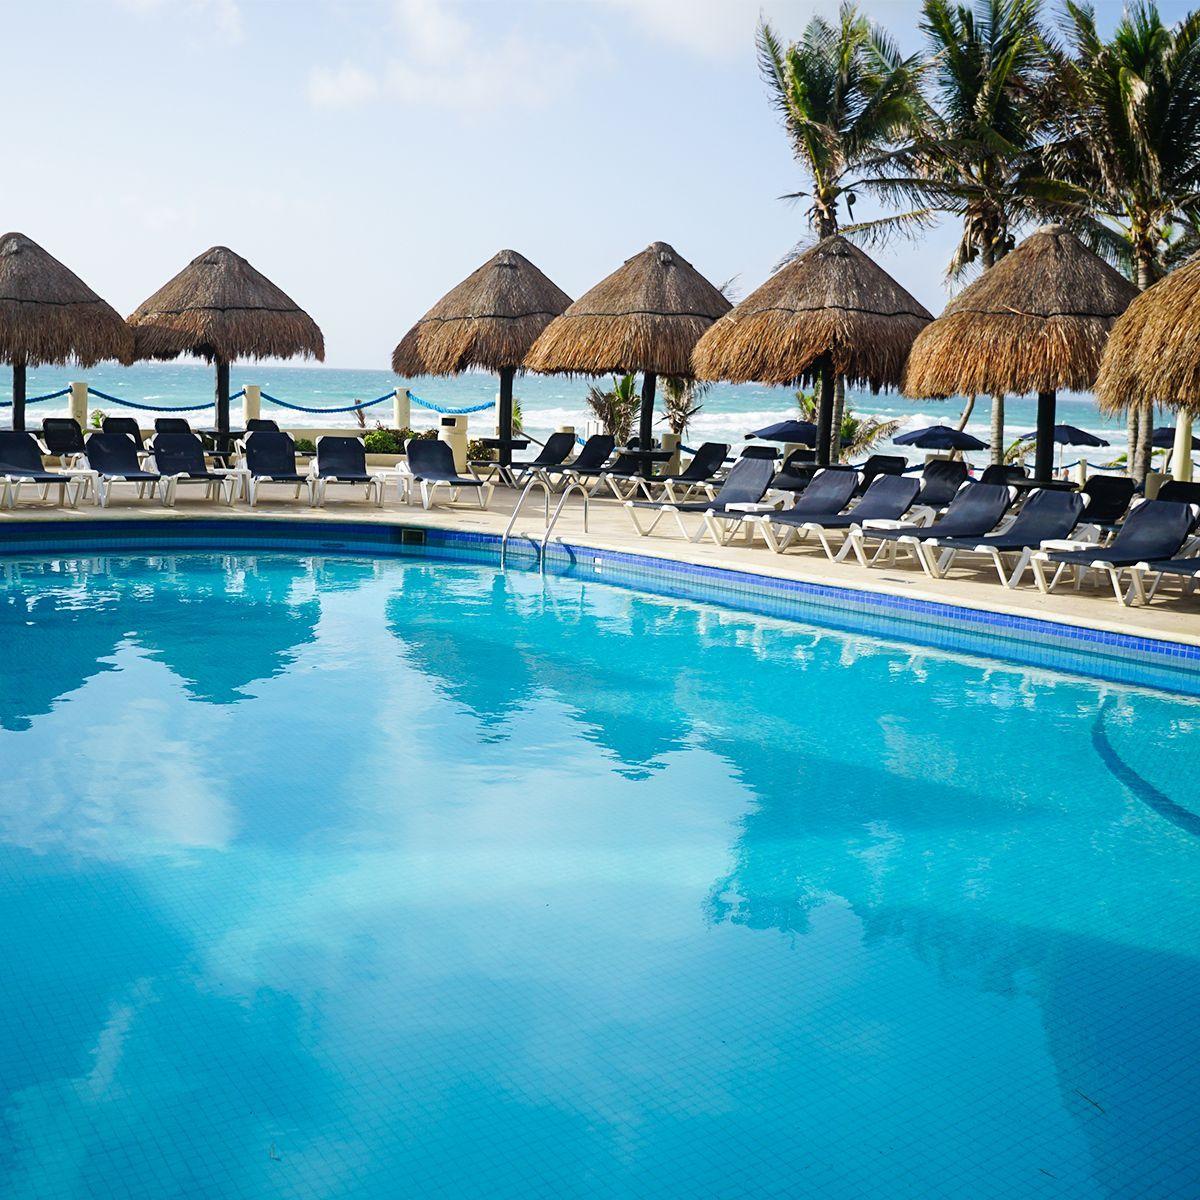 Hoteles a pie de playa con piscina en Cancún, México